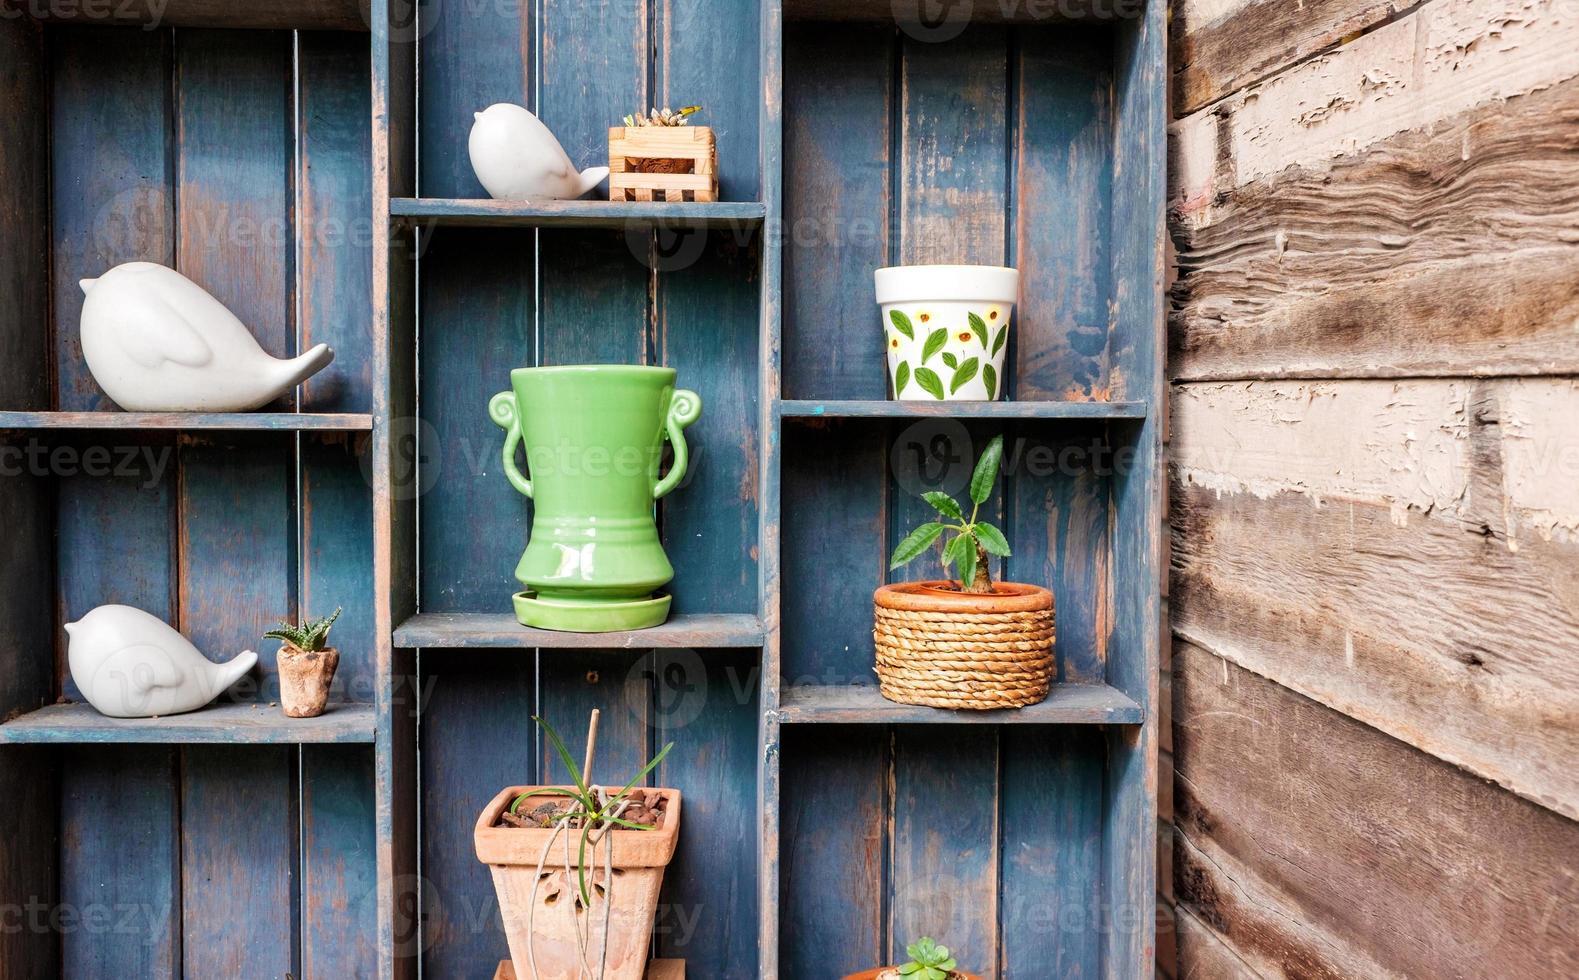 trähyllor av keramik och bakgrund. foto